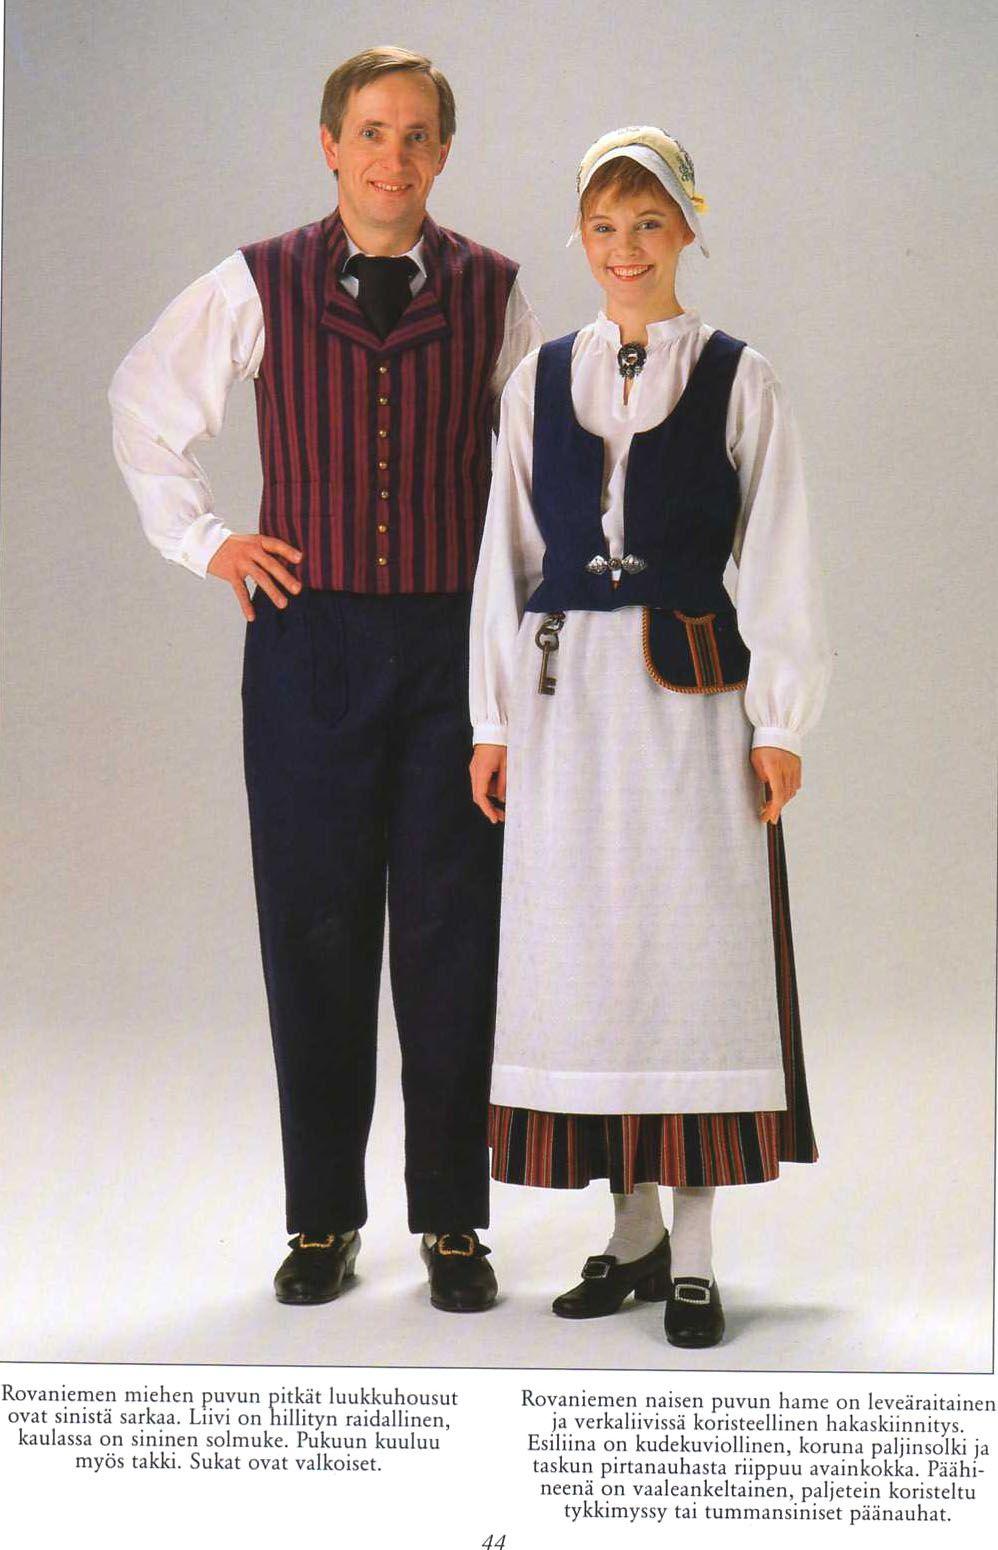 национальный костюм финнов картинки ширина данного